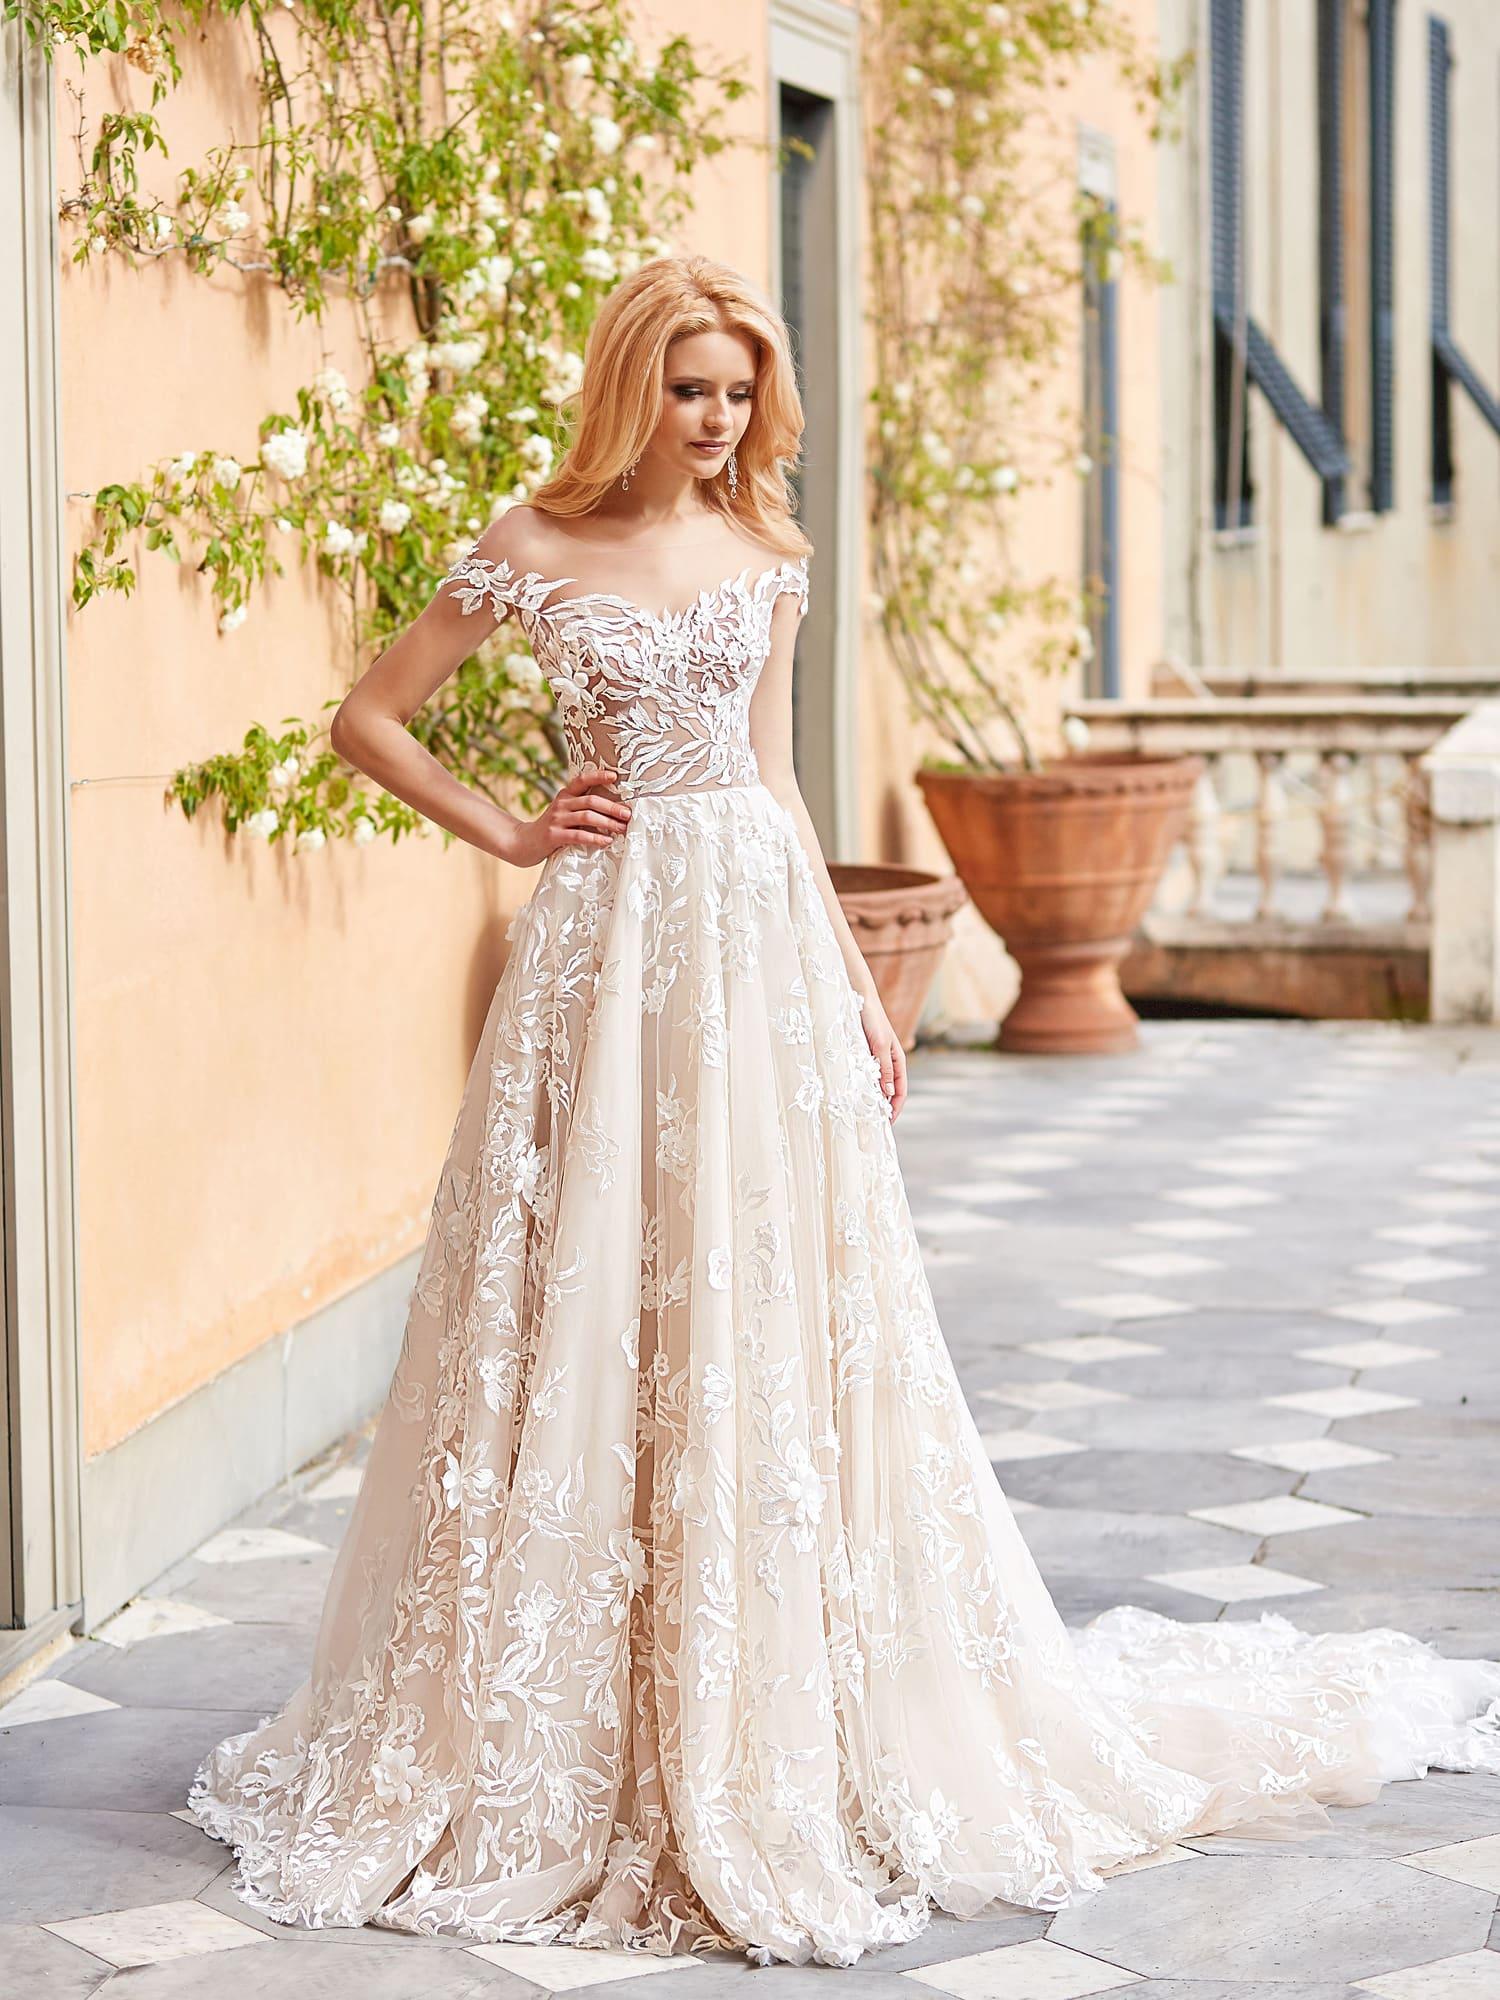 64cdc55c1df424 Свадебное платье Оксана Муха Barbora. Купить свадебное платье в ...